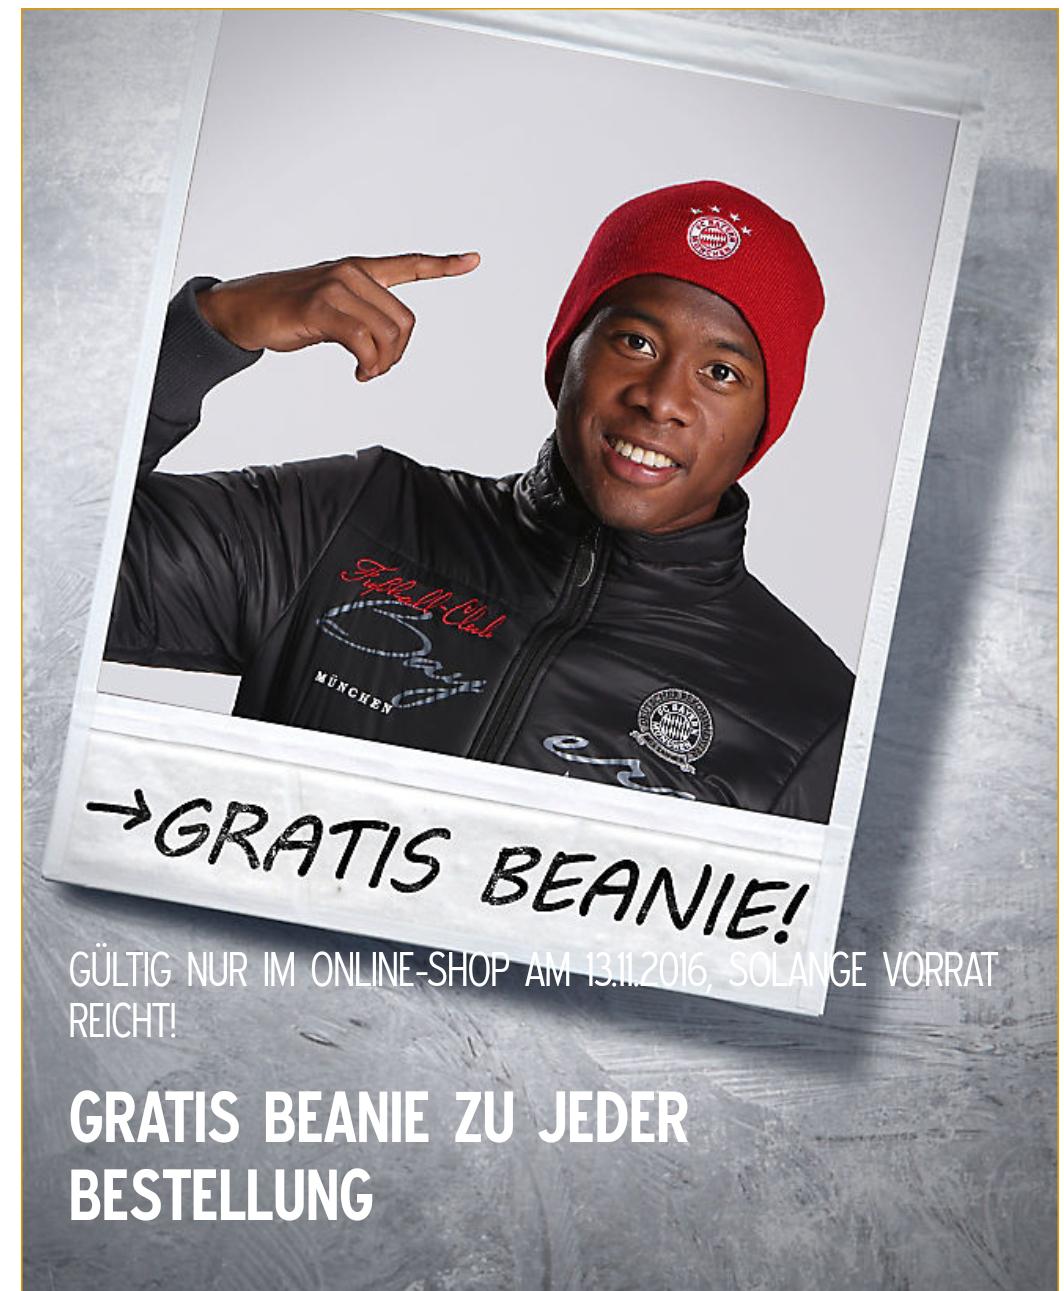 [FC Bayern München Fanshop] Gratis Mütze / Beanie zu jeder Bestellung